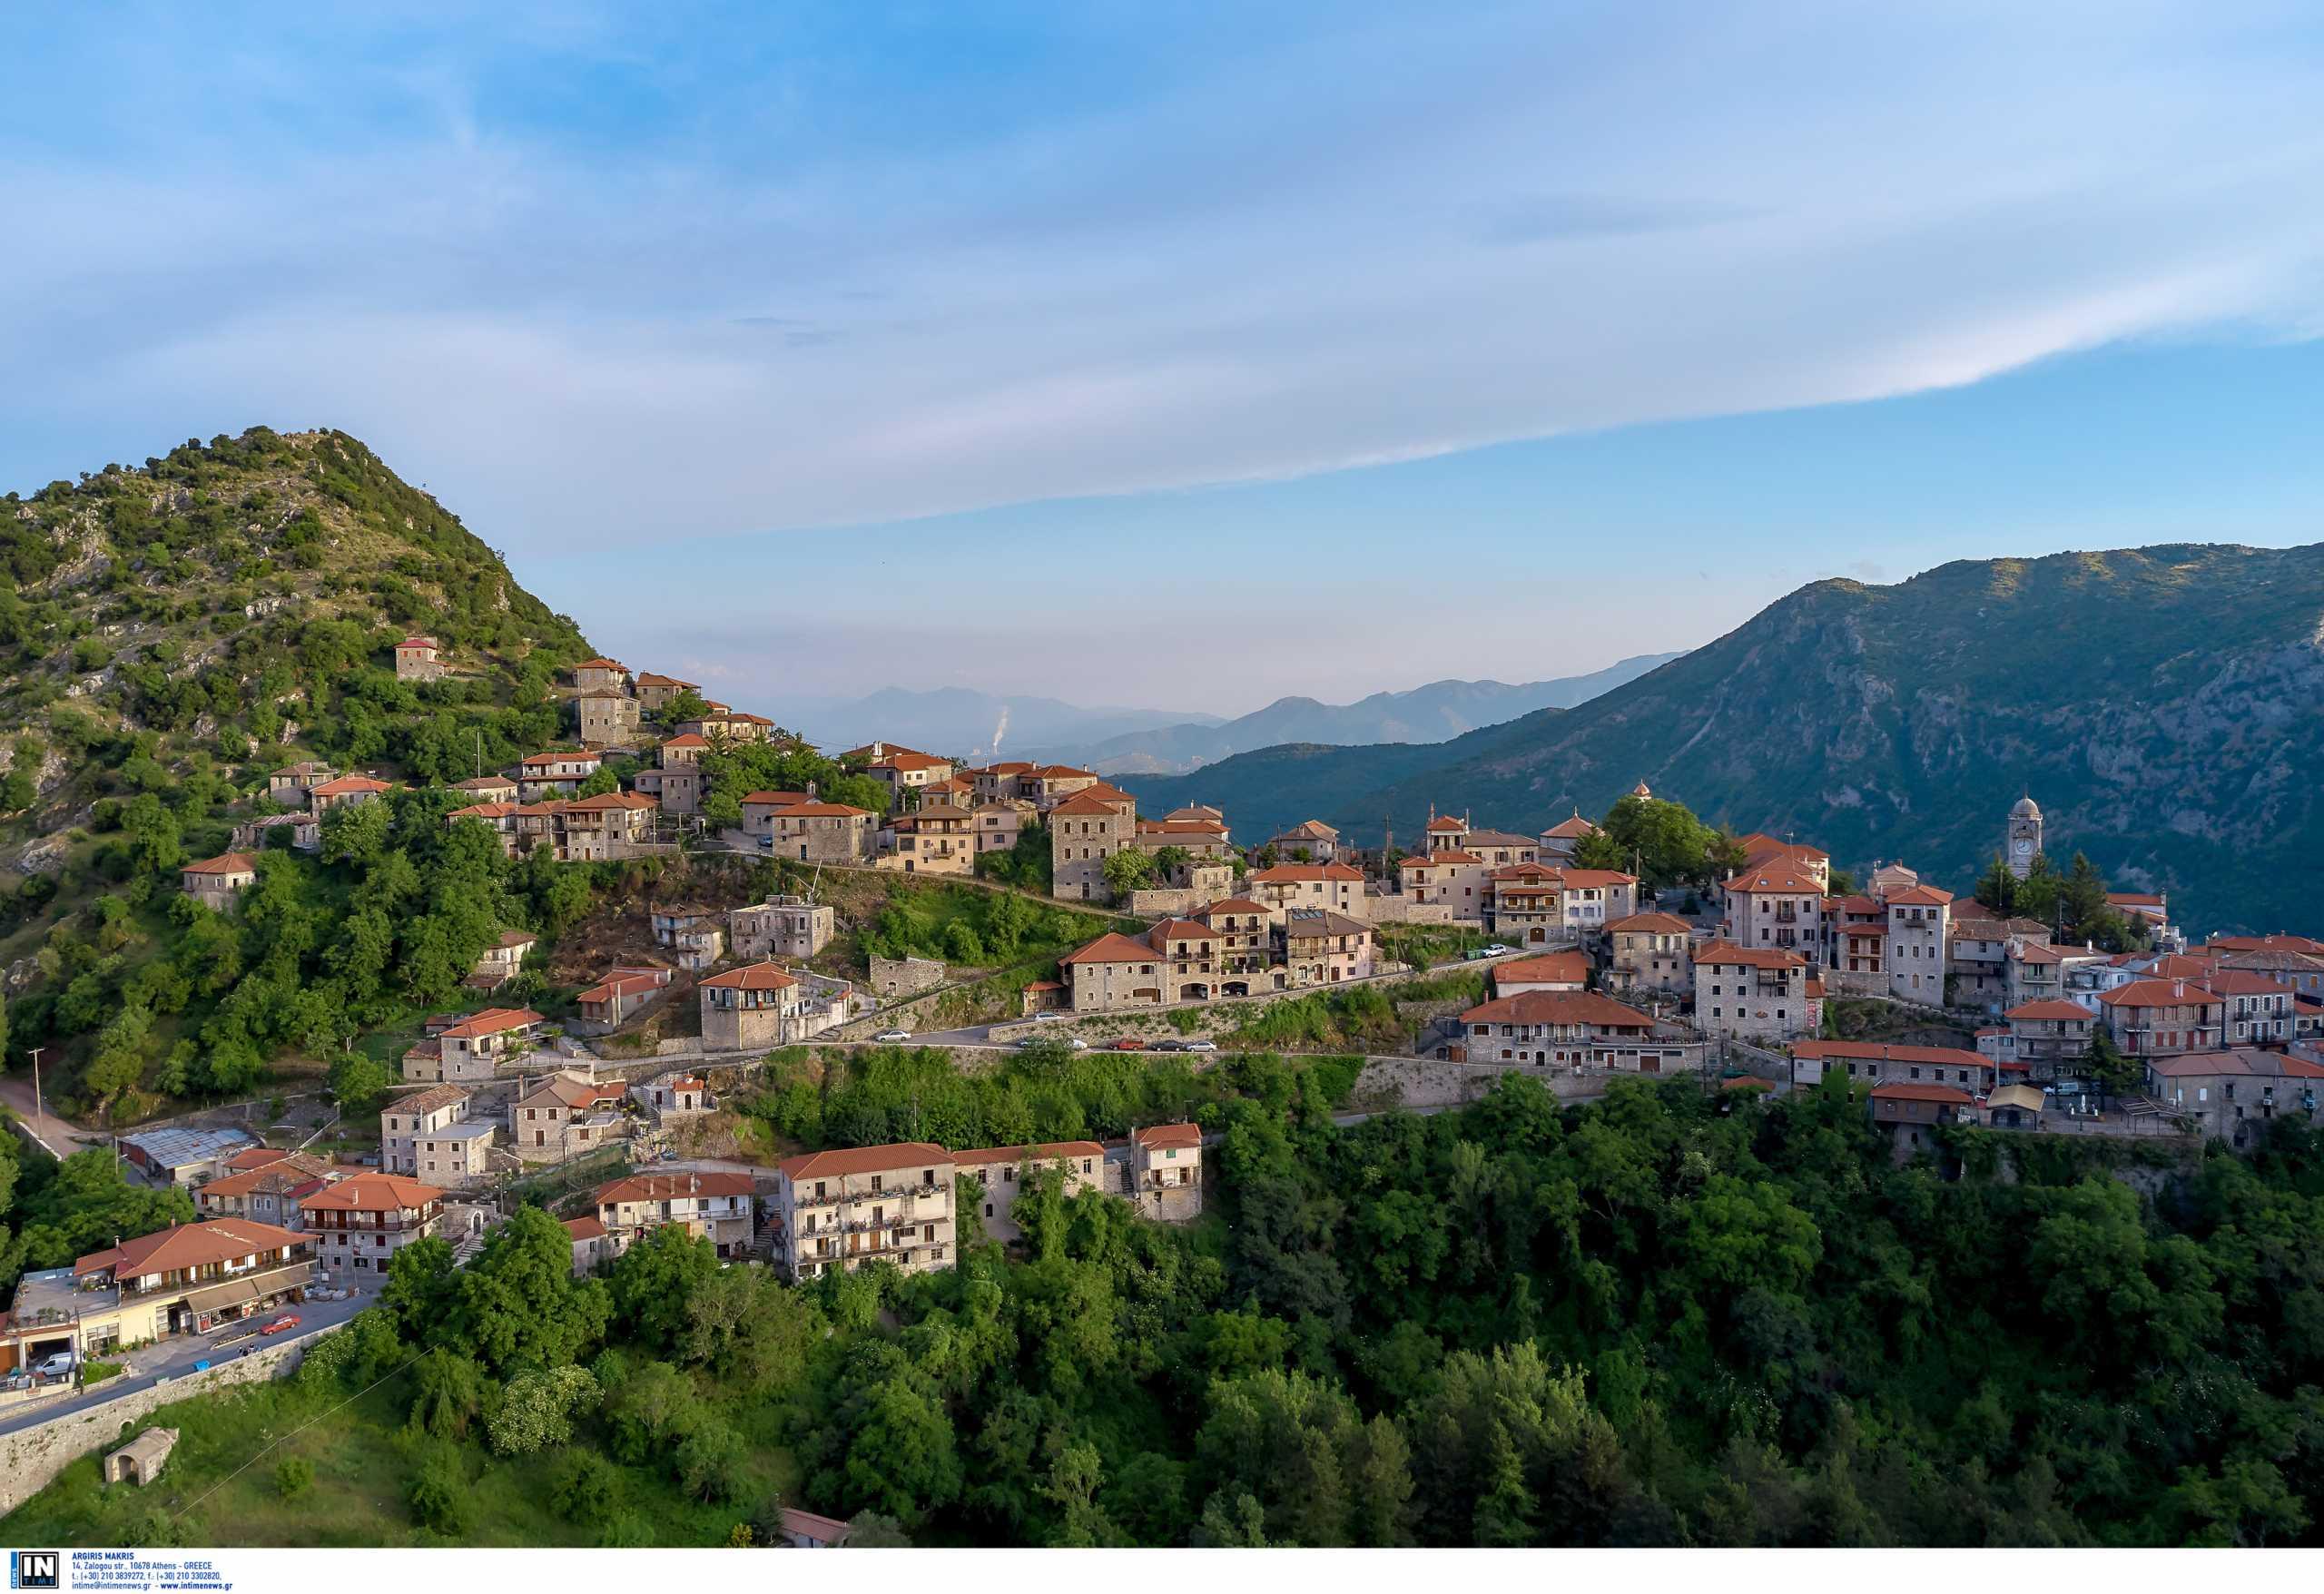 Το ιστορικό ελληνικό χωριό των δύο λόφων και όσα θα δεις στην «πέτρινη αρχόντισσα»